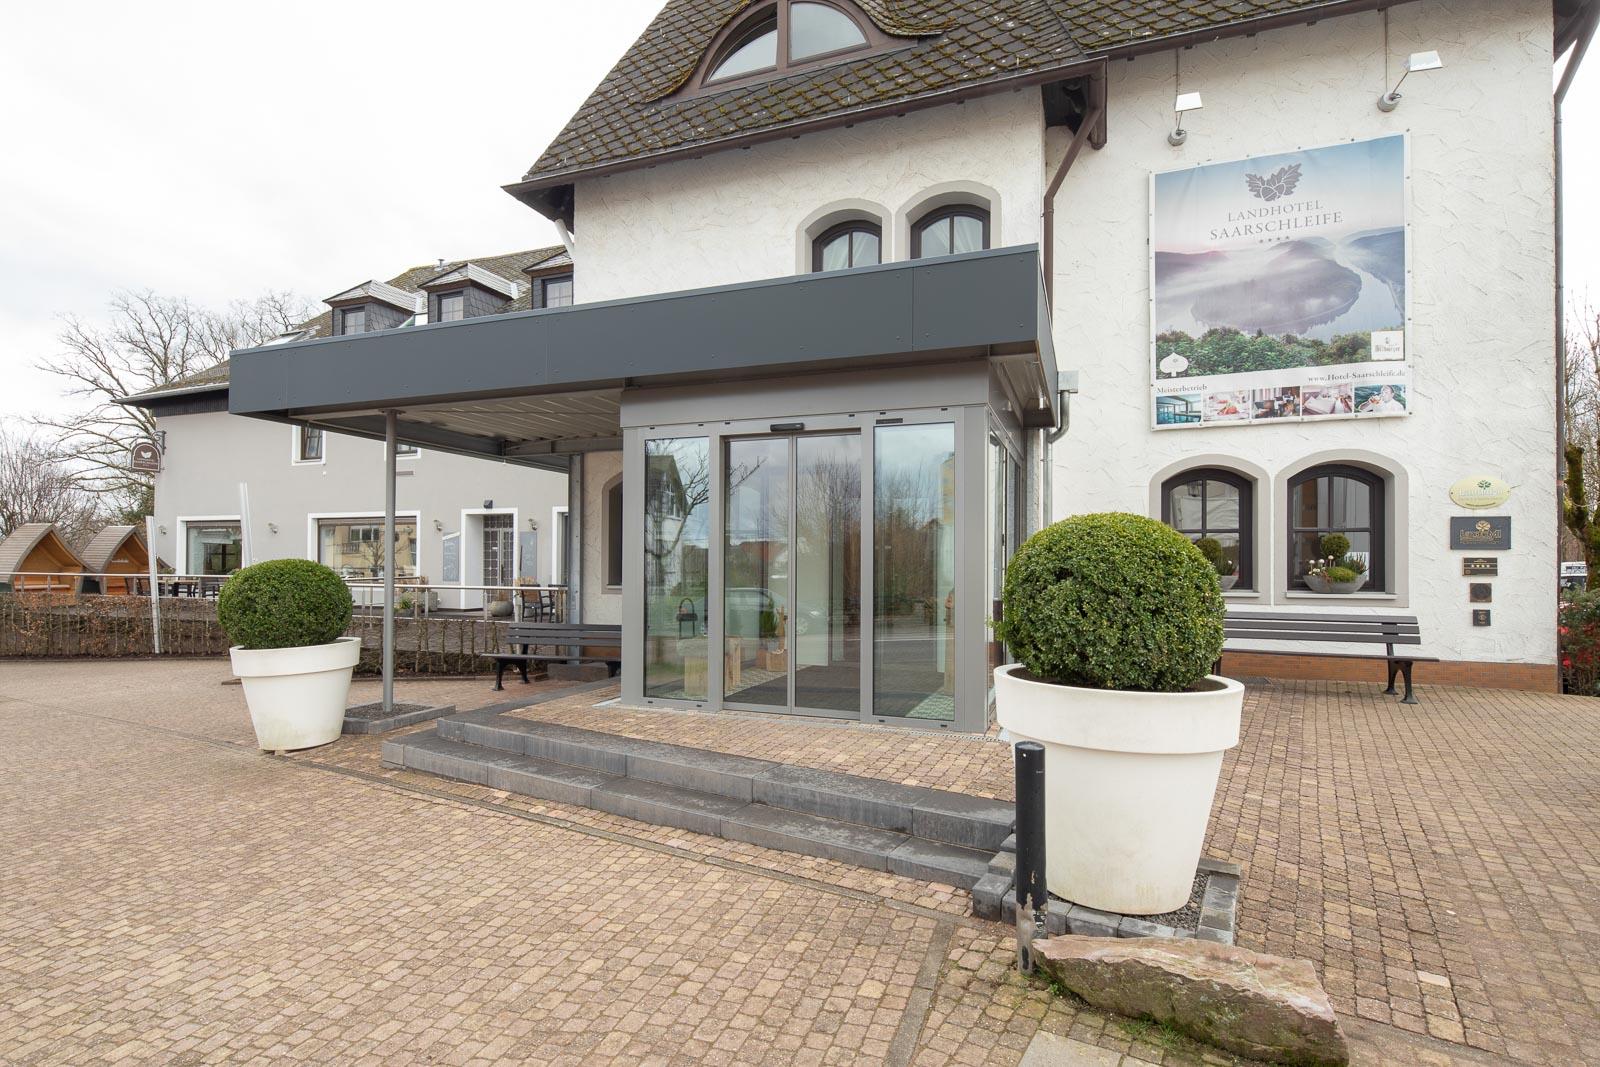 Landhotel Saarschleife Außenfassade tagsüber